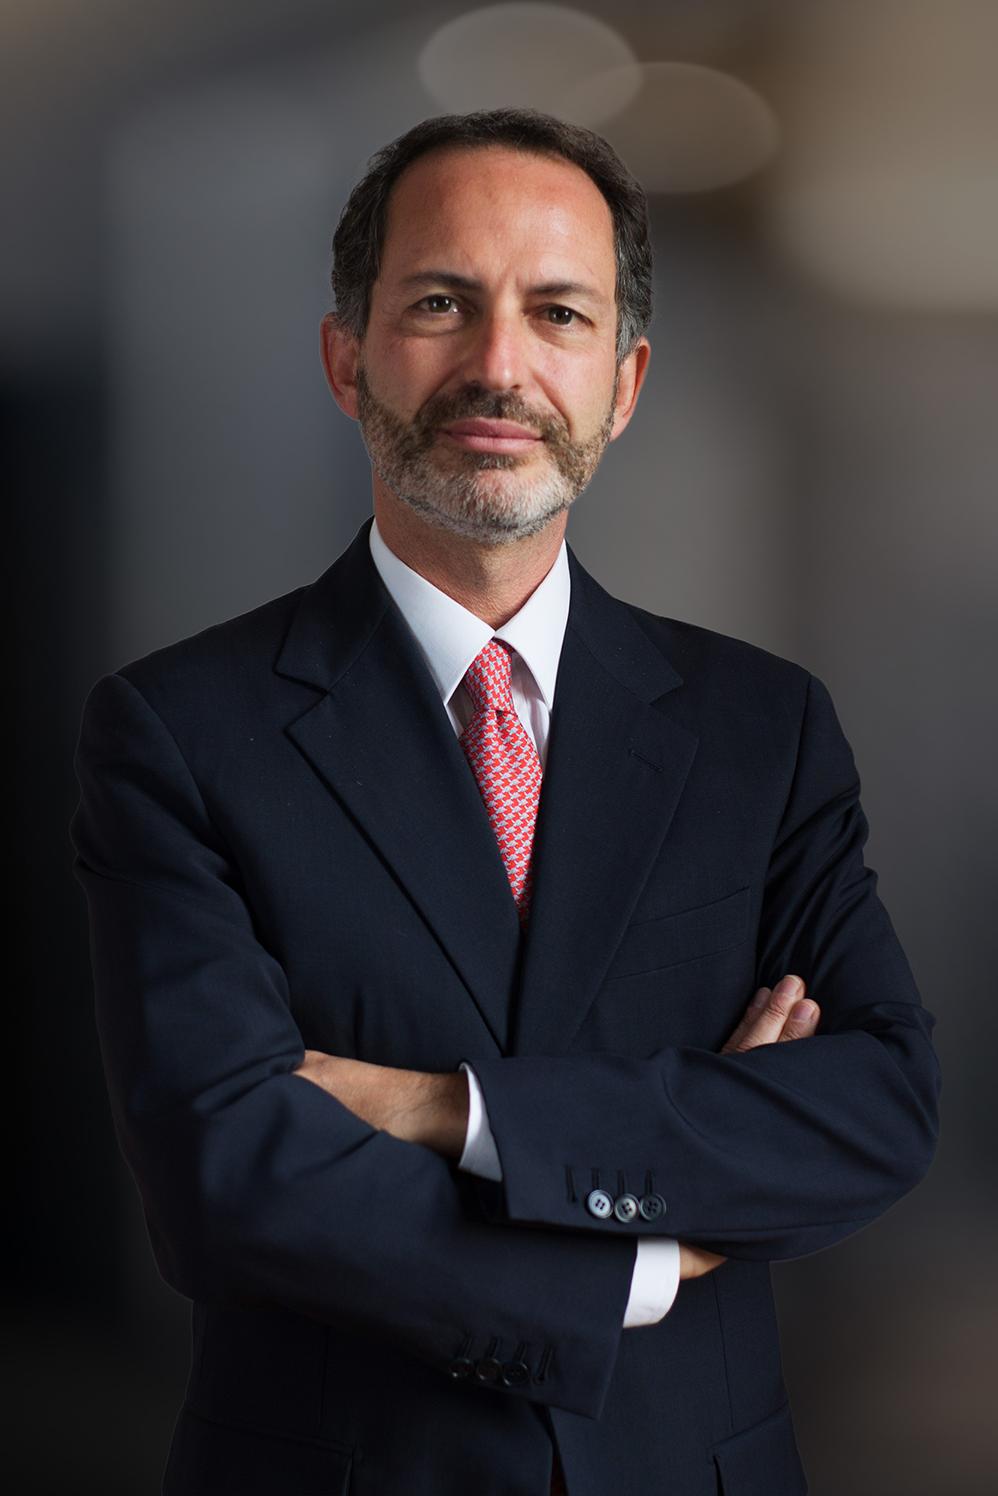 Andrea Grappelli